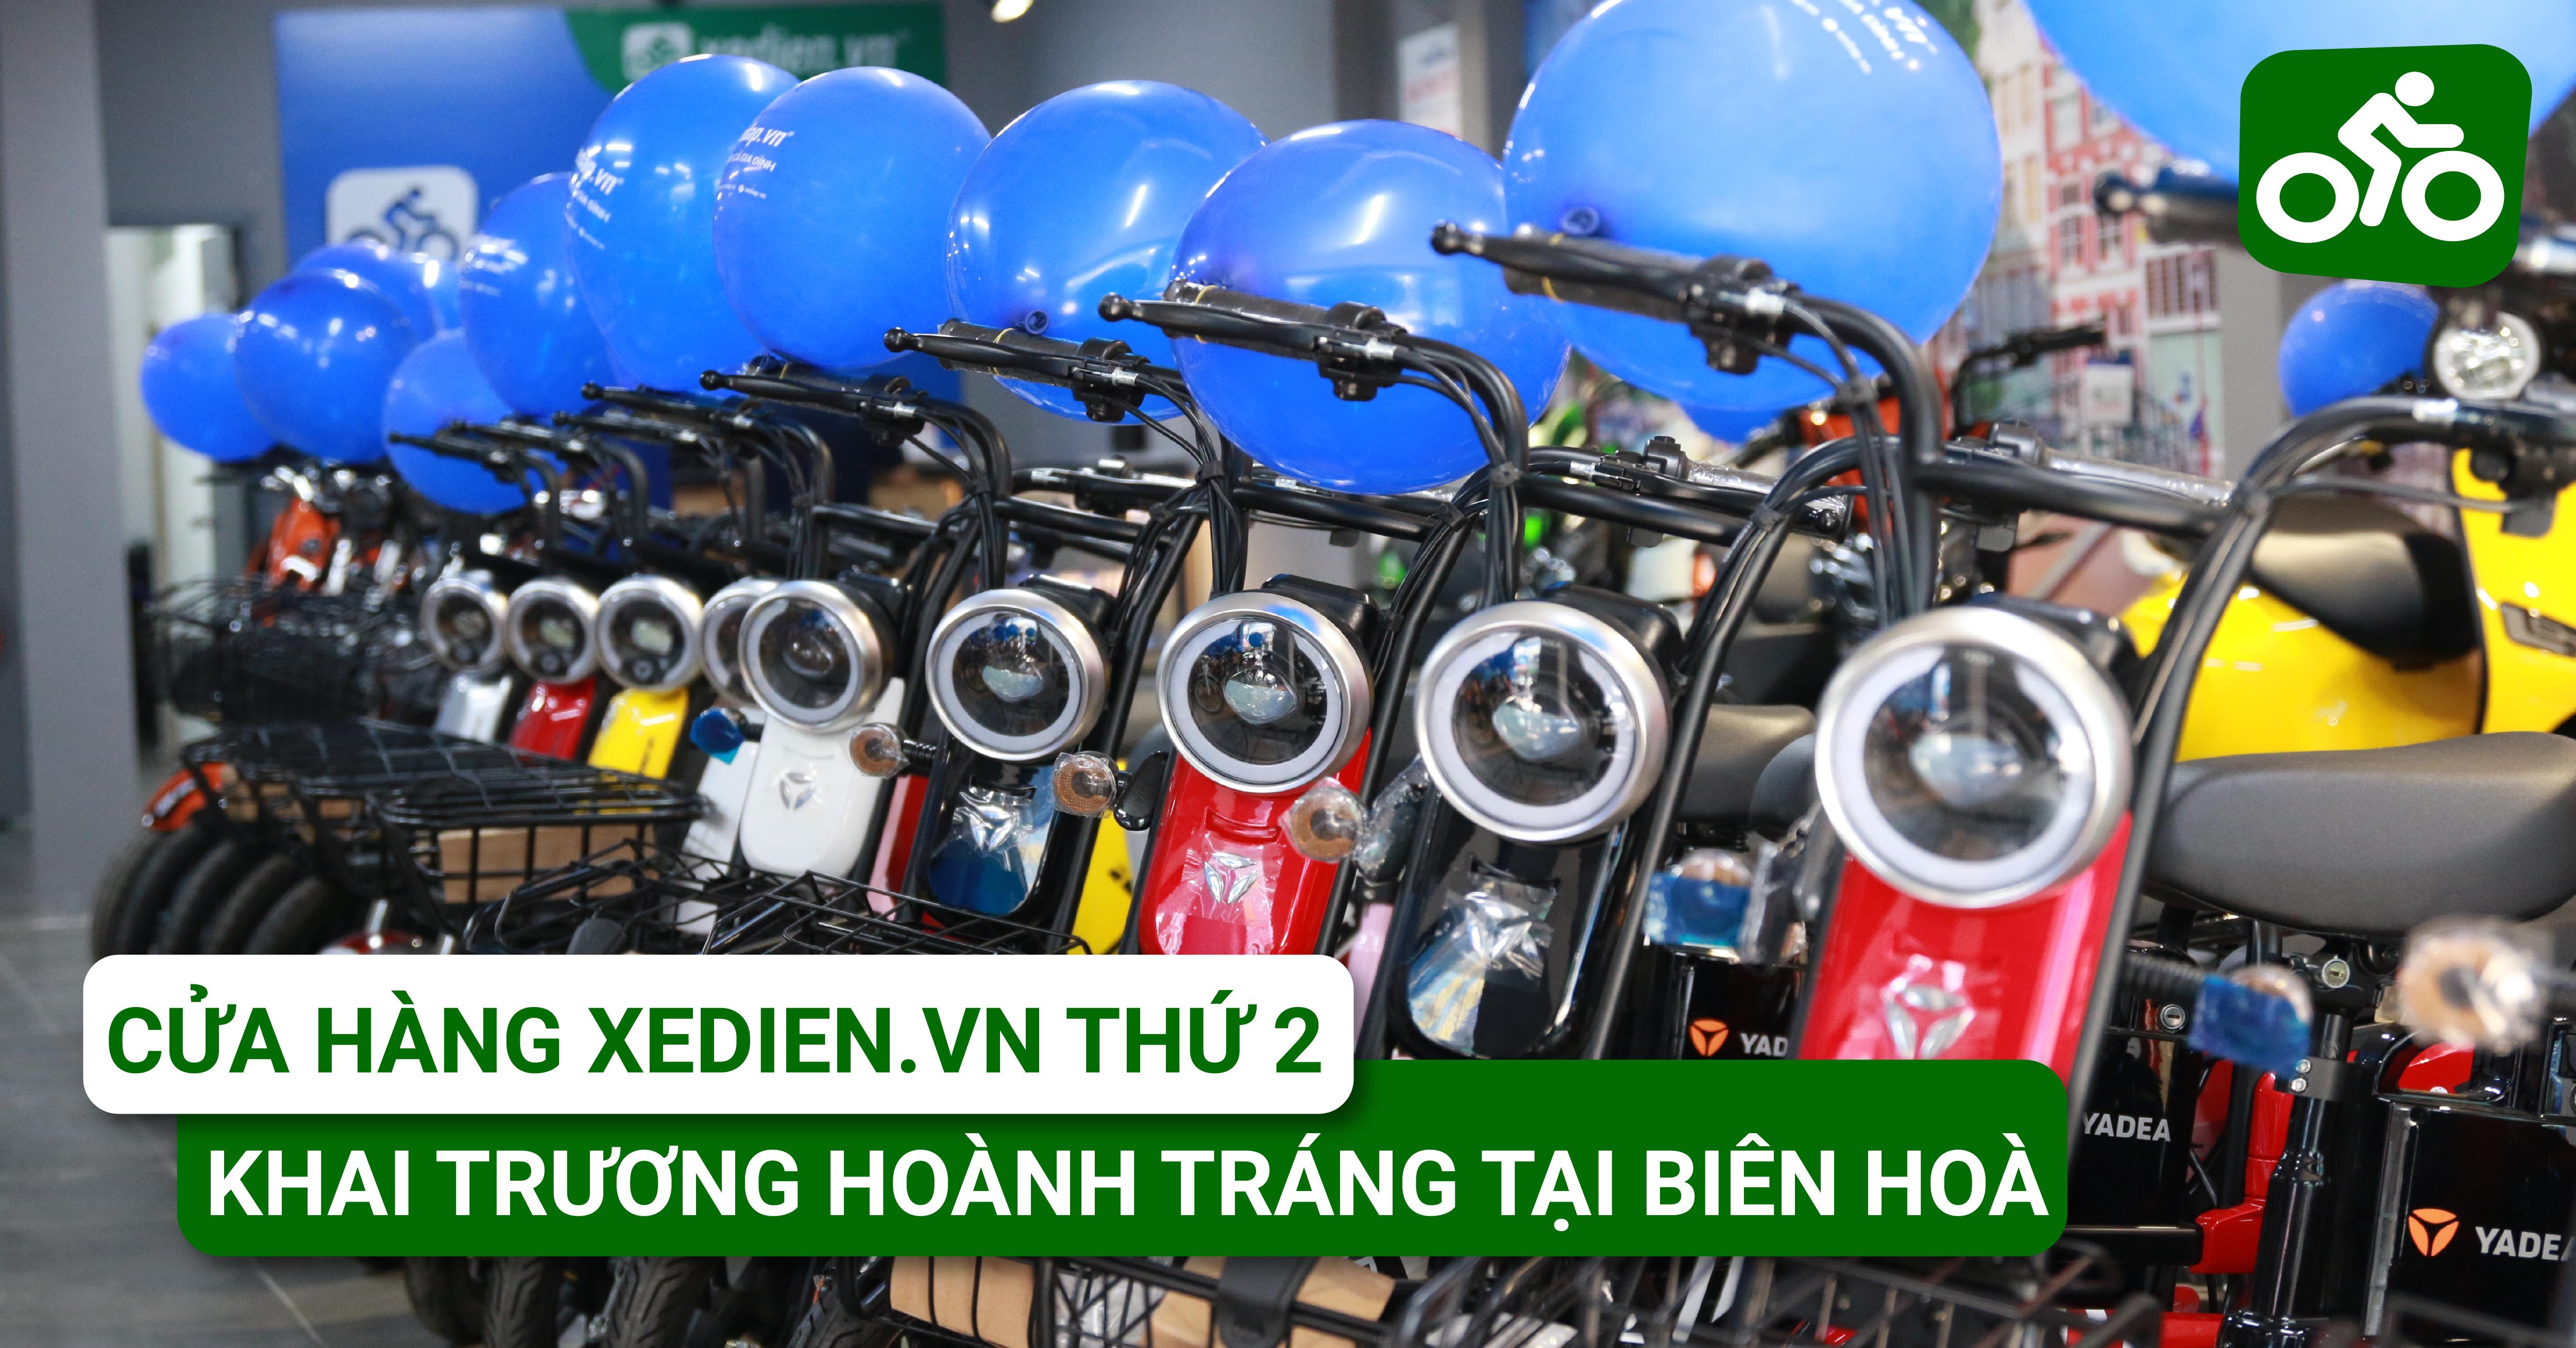 Cửa hàng Xedien.vn thứ 2 khai trương hoành tráng tại TP.Biên Hoà